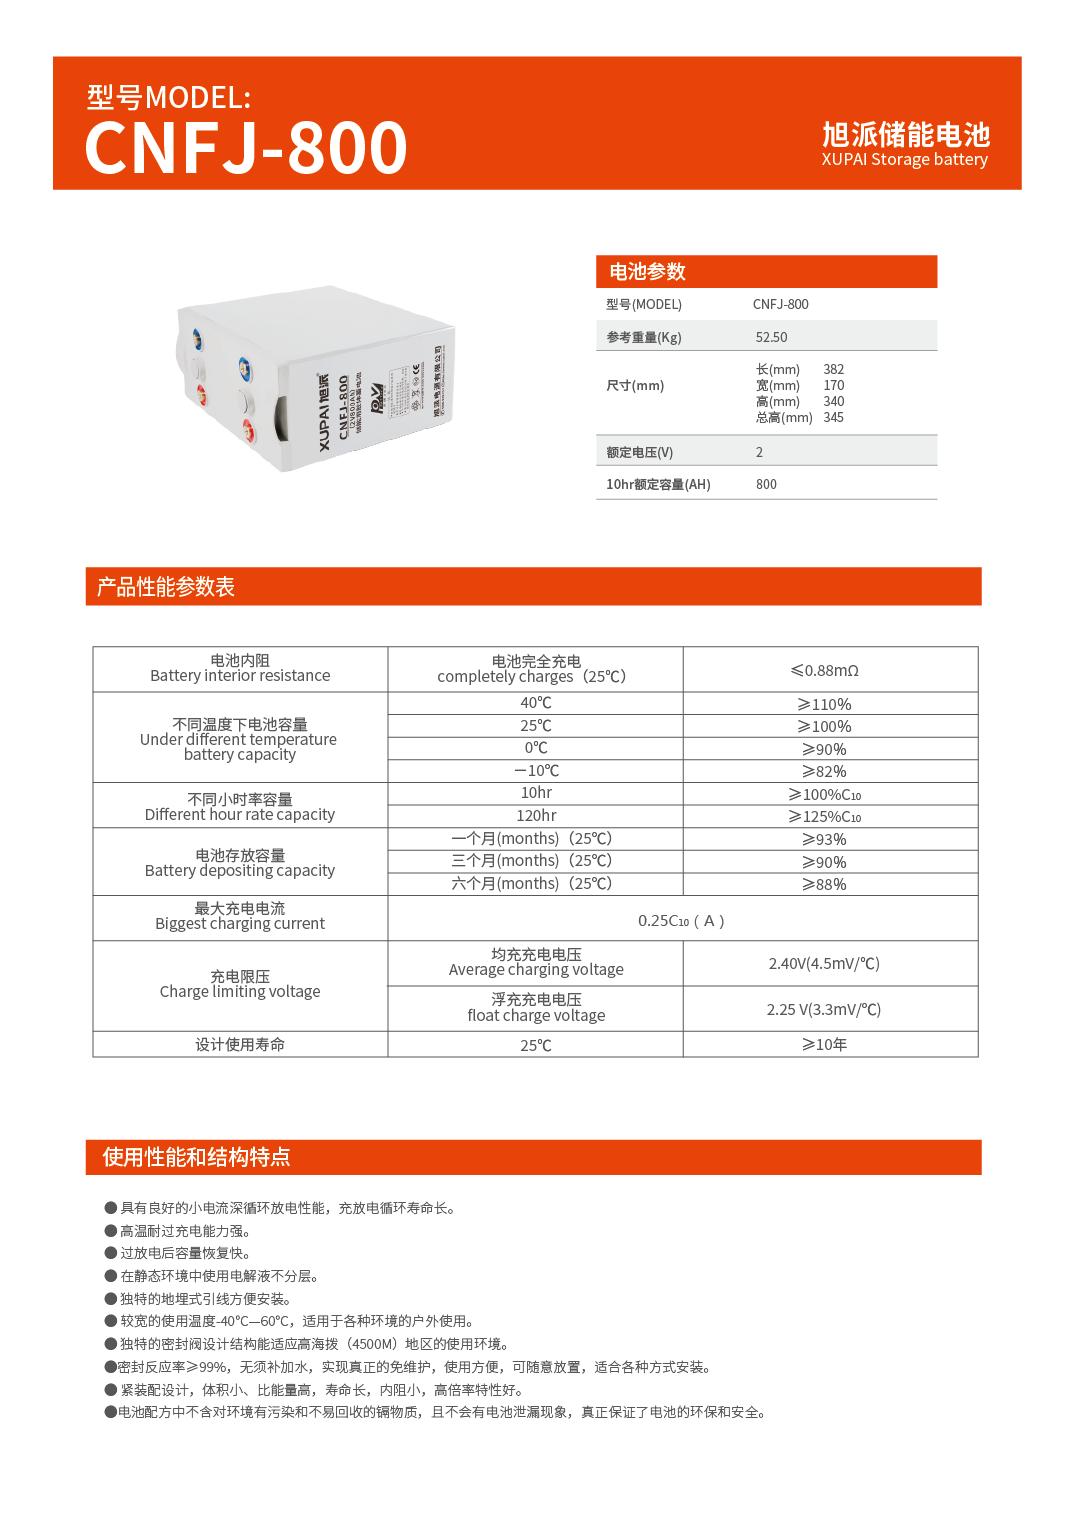 CNFJ-800-01.png